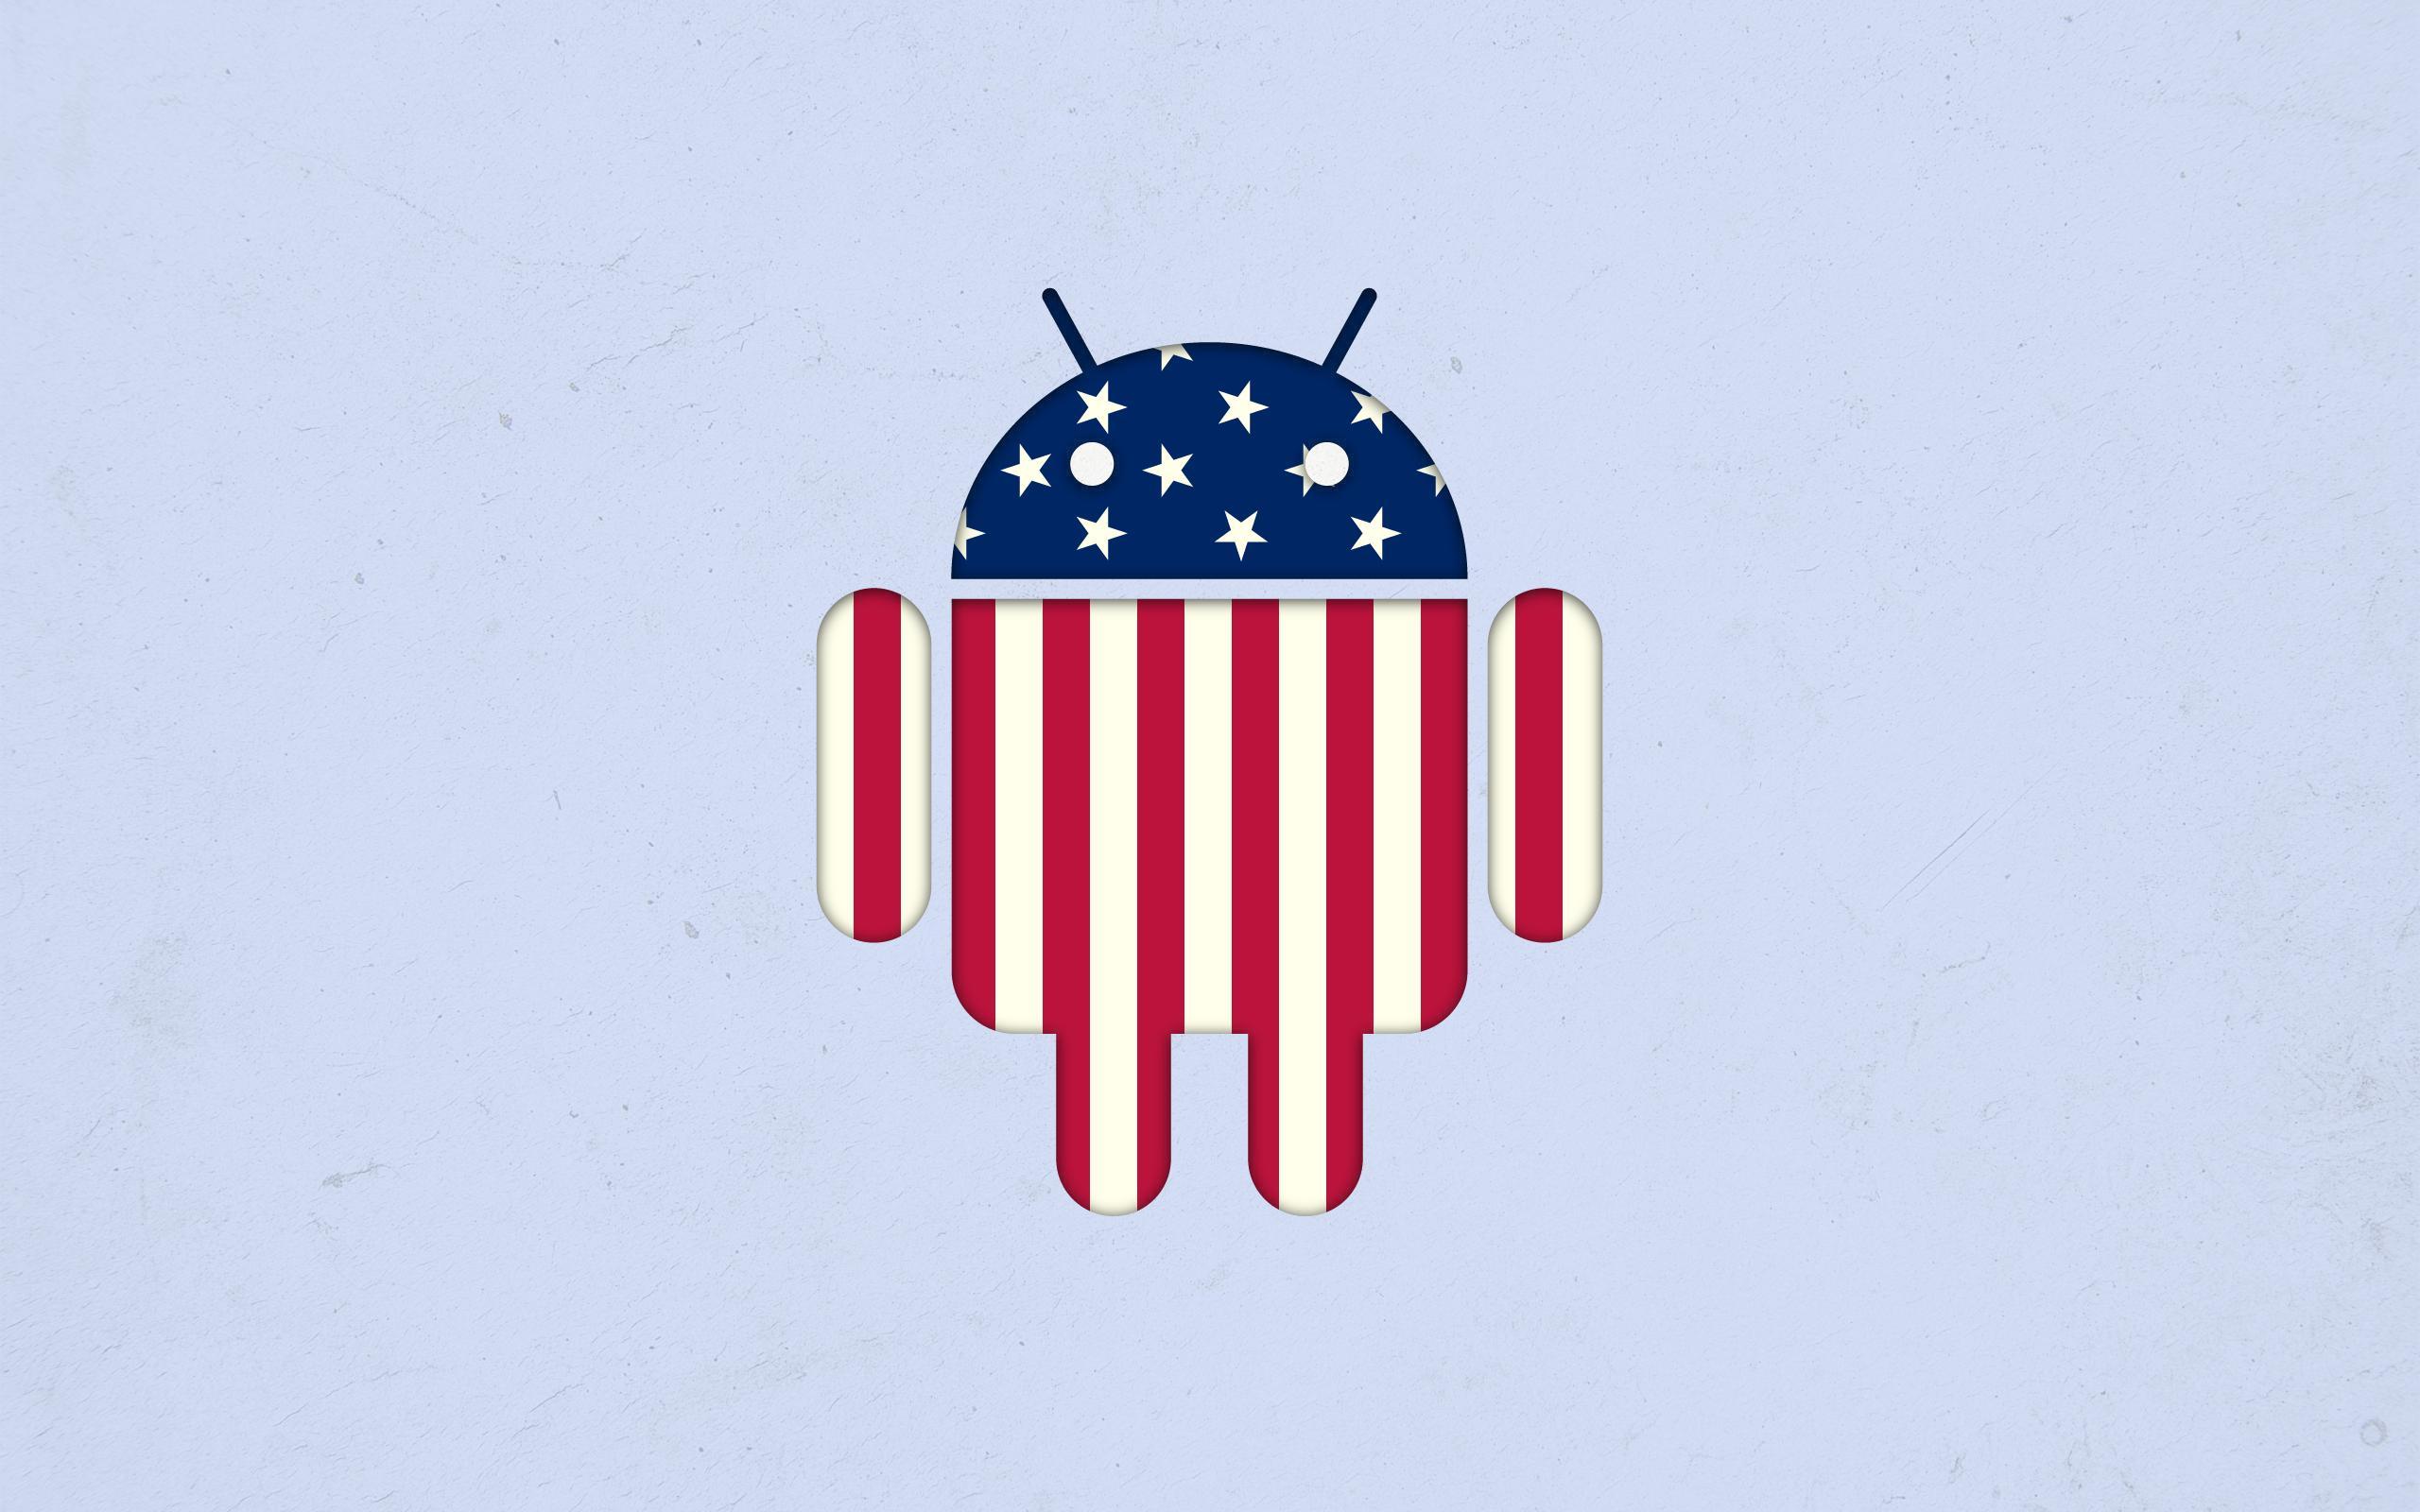 Android Wallpaper Usa Usa Usa